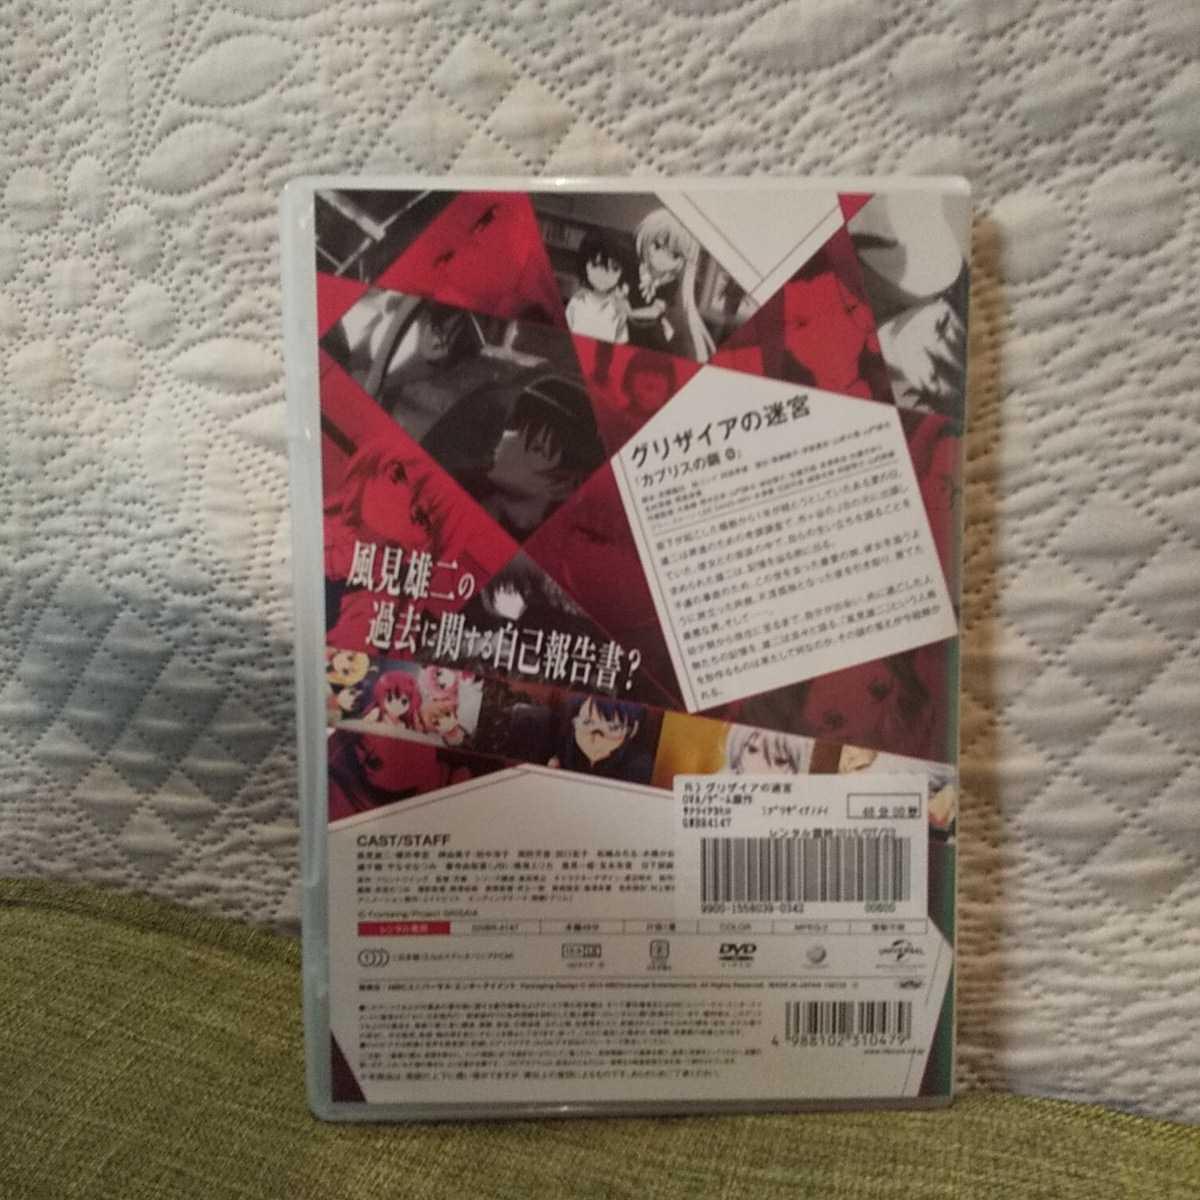 グリザイアの迷宮 レンタル版DVD【全編視聴確認済】【送料無料】